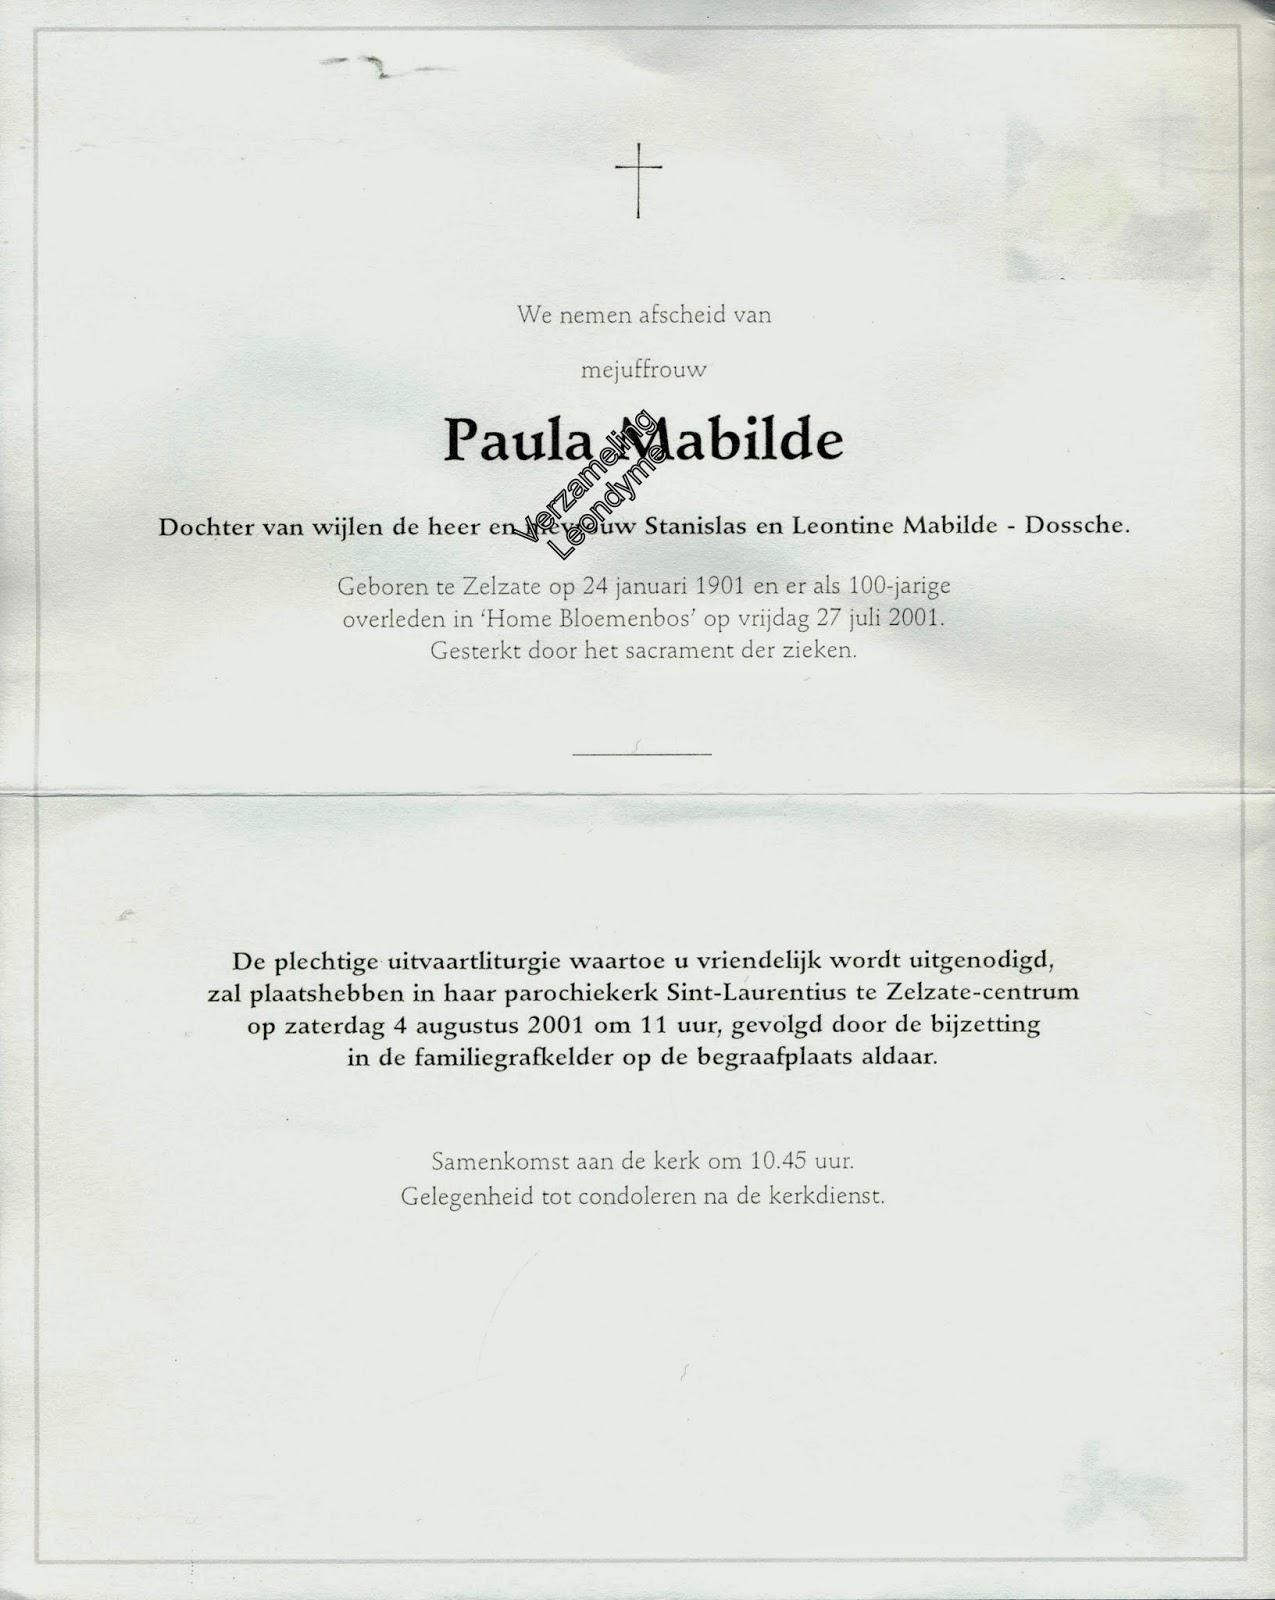 Rouwbrief Paula Mabilde 1901-2001. Verzameling Leondyme.